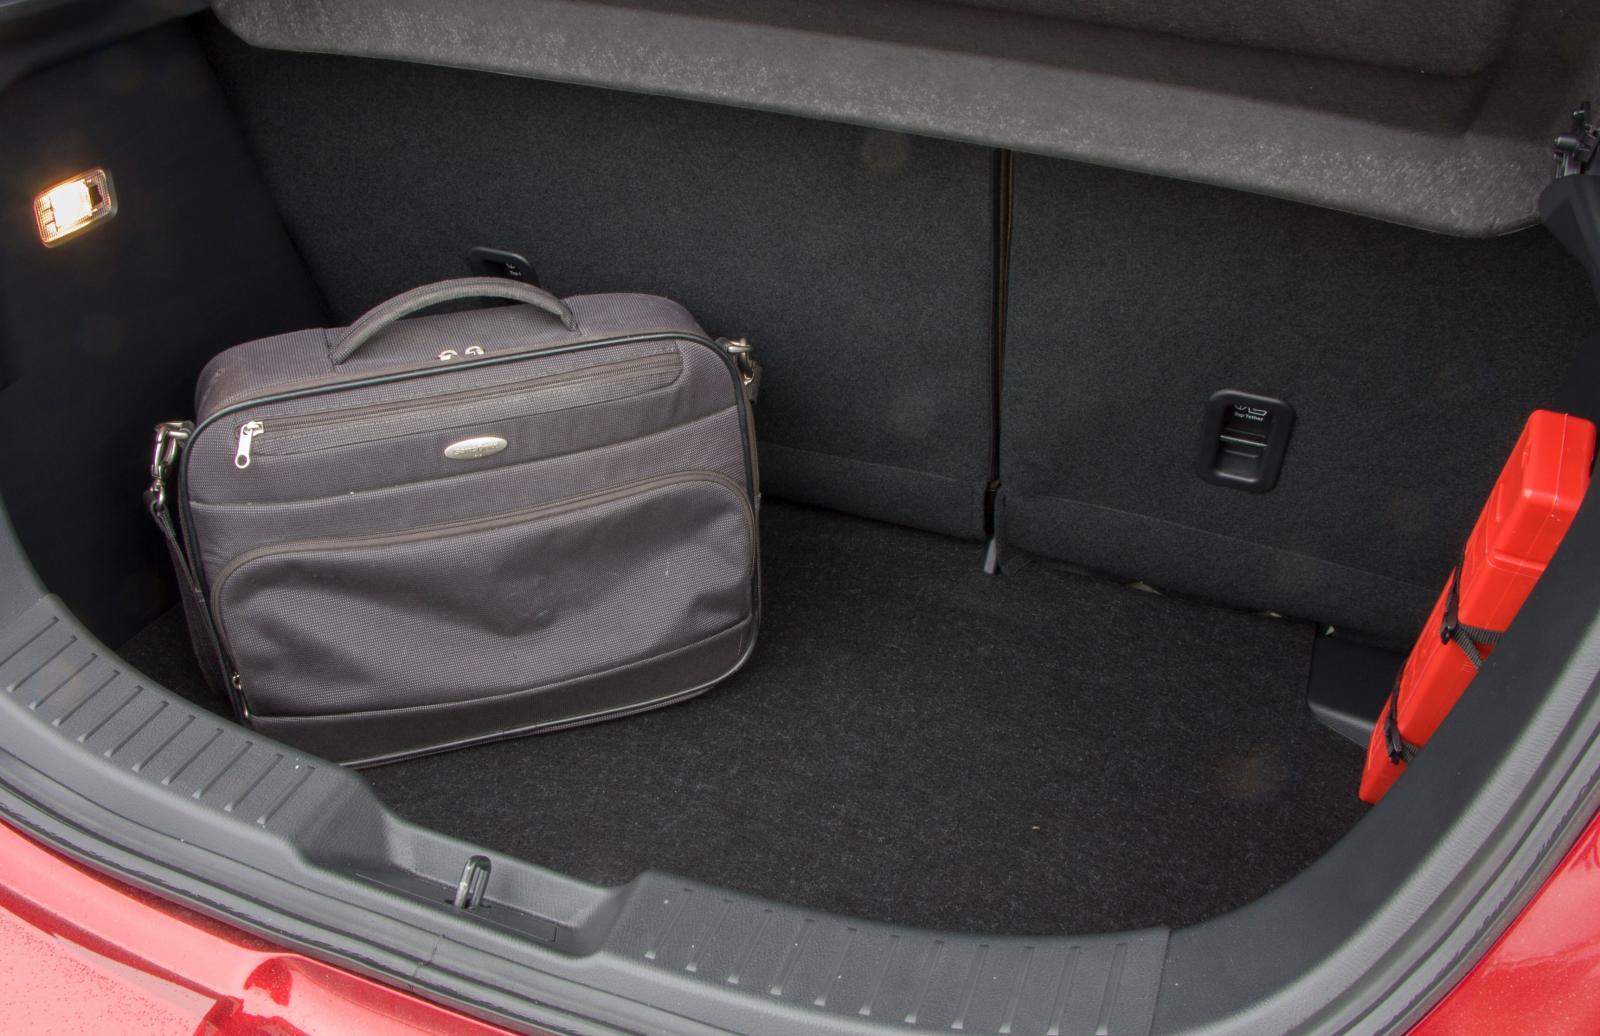 """Kort bakparti med futtigt bagageutrymme av billigt utförande. Golvet består av en särdeles sladdrig skiva """"wellplast""""."""